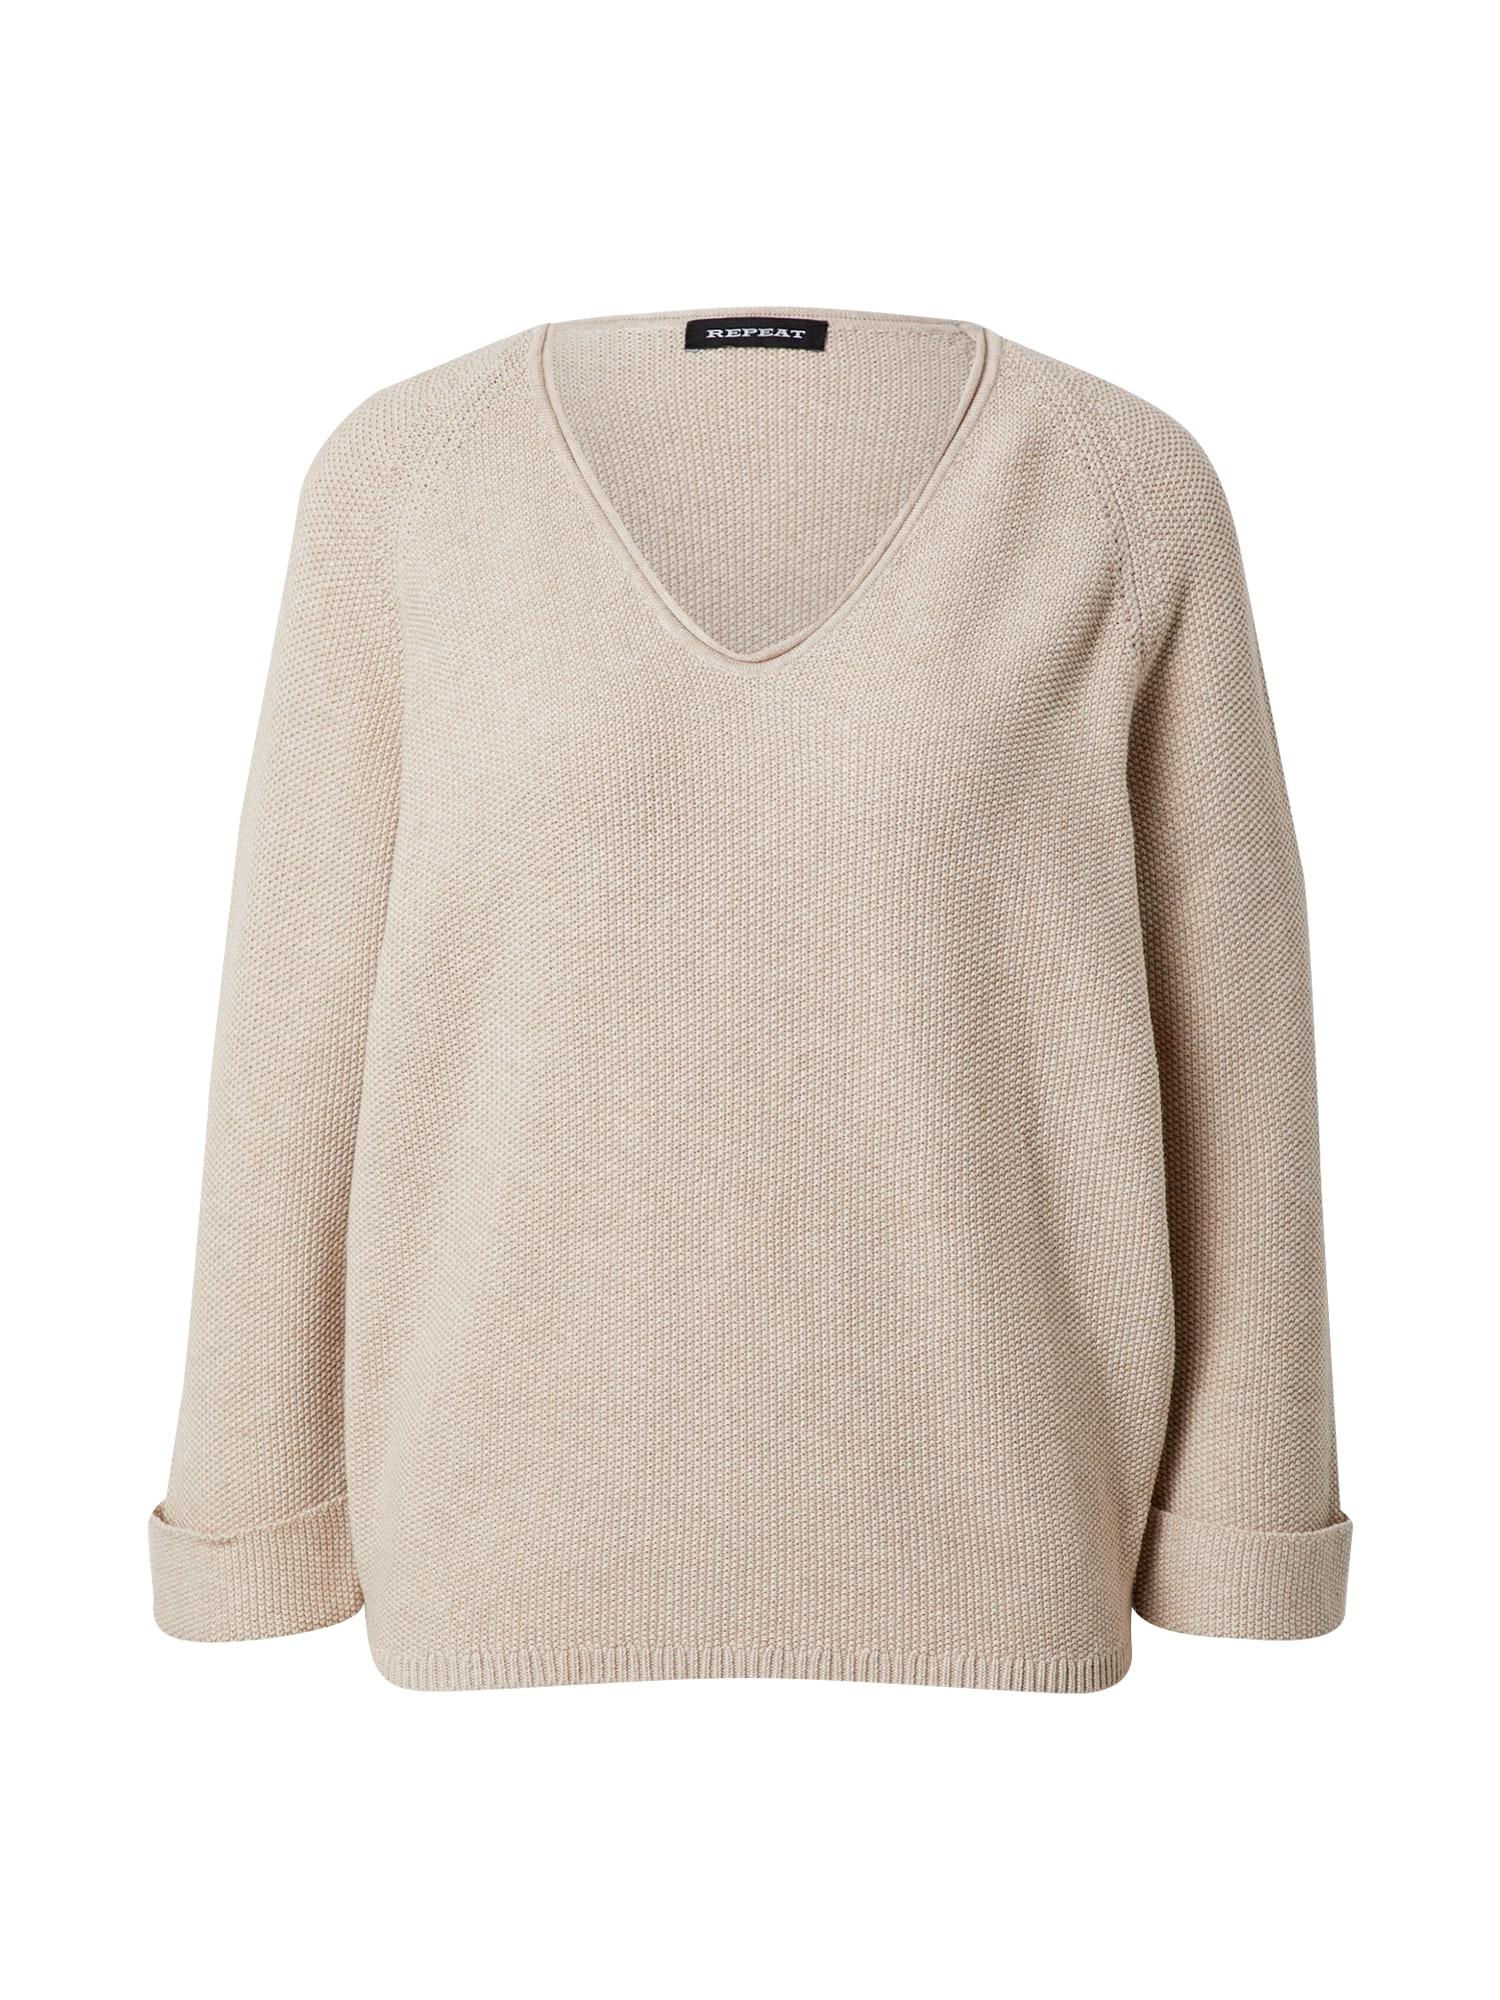 REPEAT Megztinis kupranugario